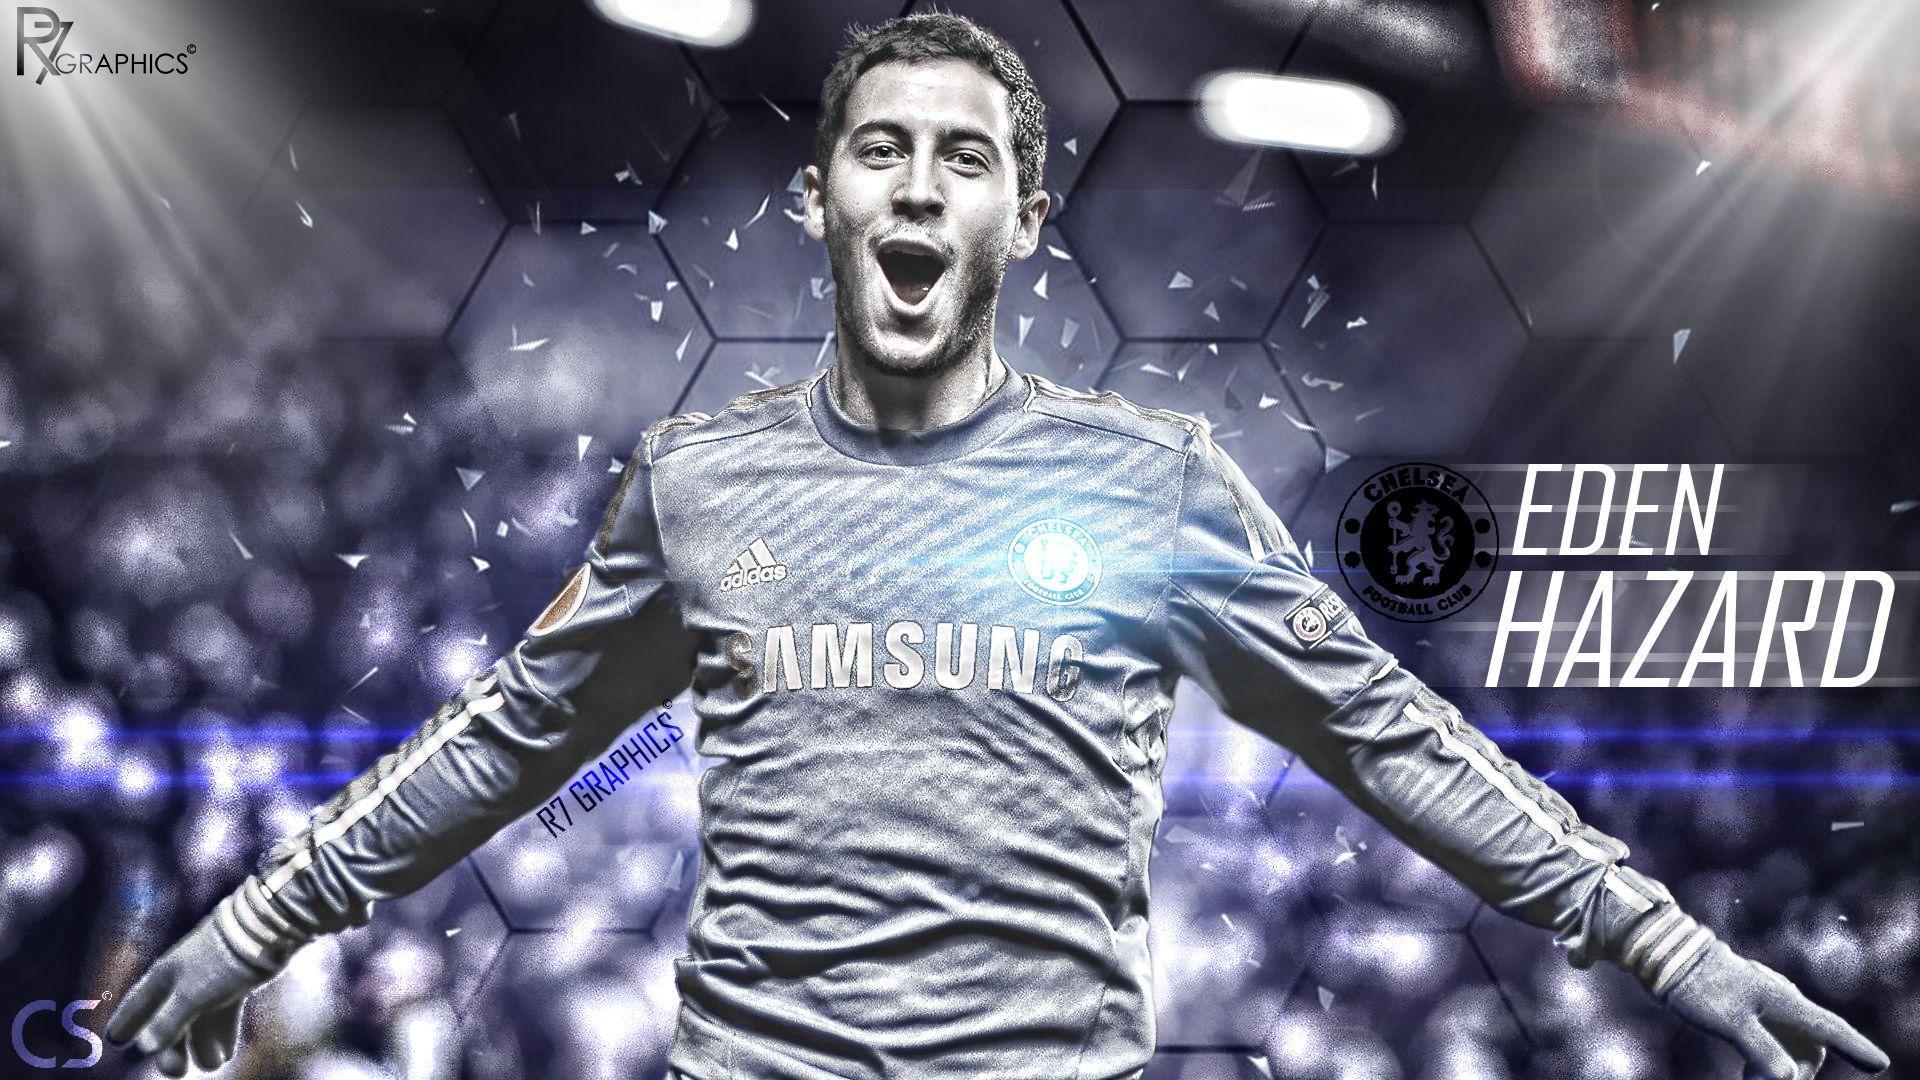 Hazard Chelsea Wallpapers